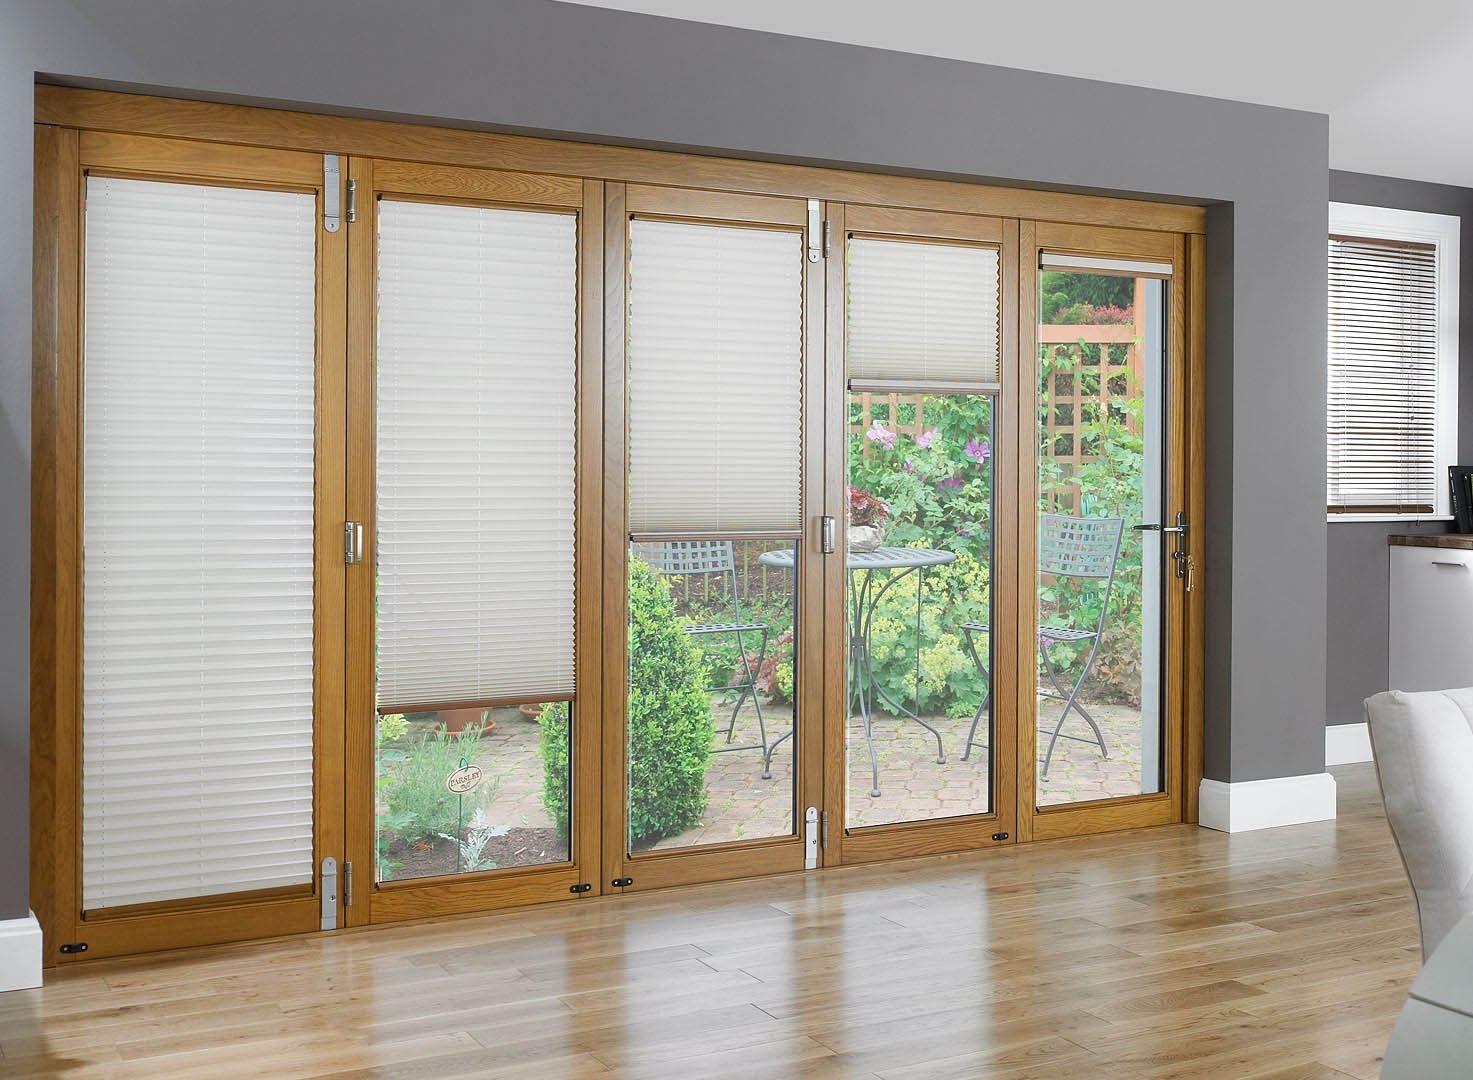 Sliding Panel Blinds For Patio Door Madison Art Center Design